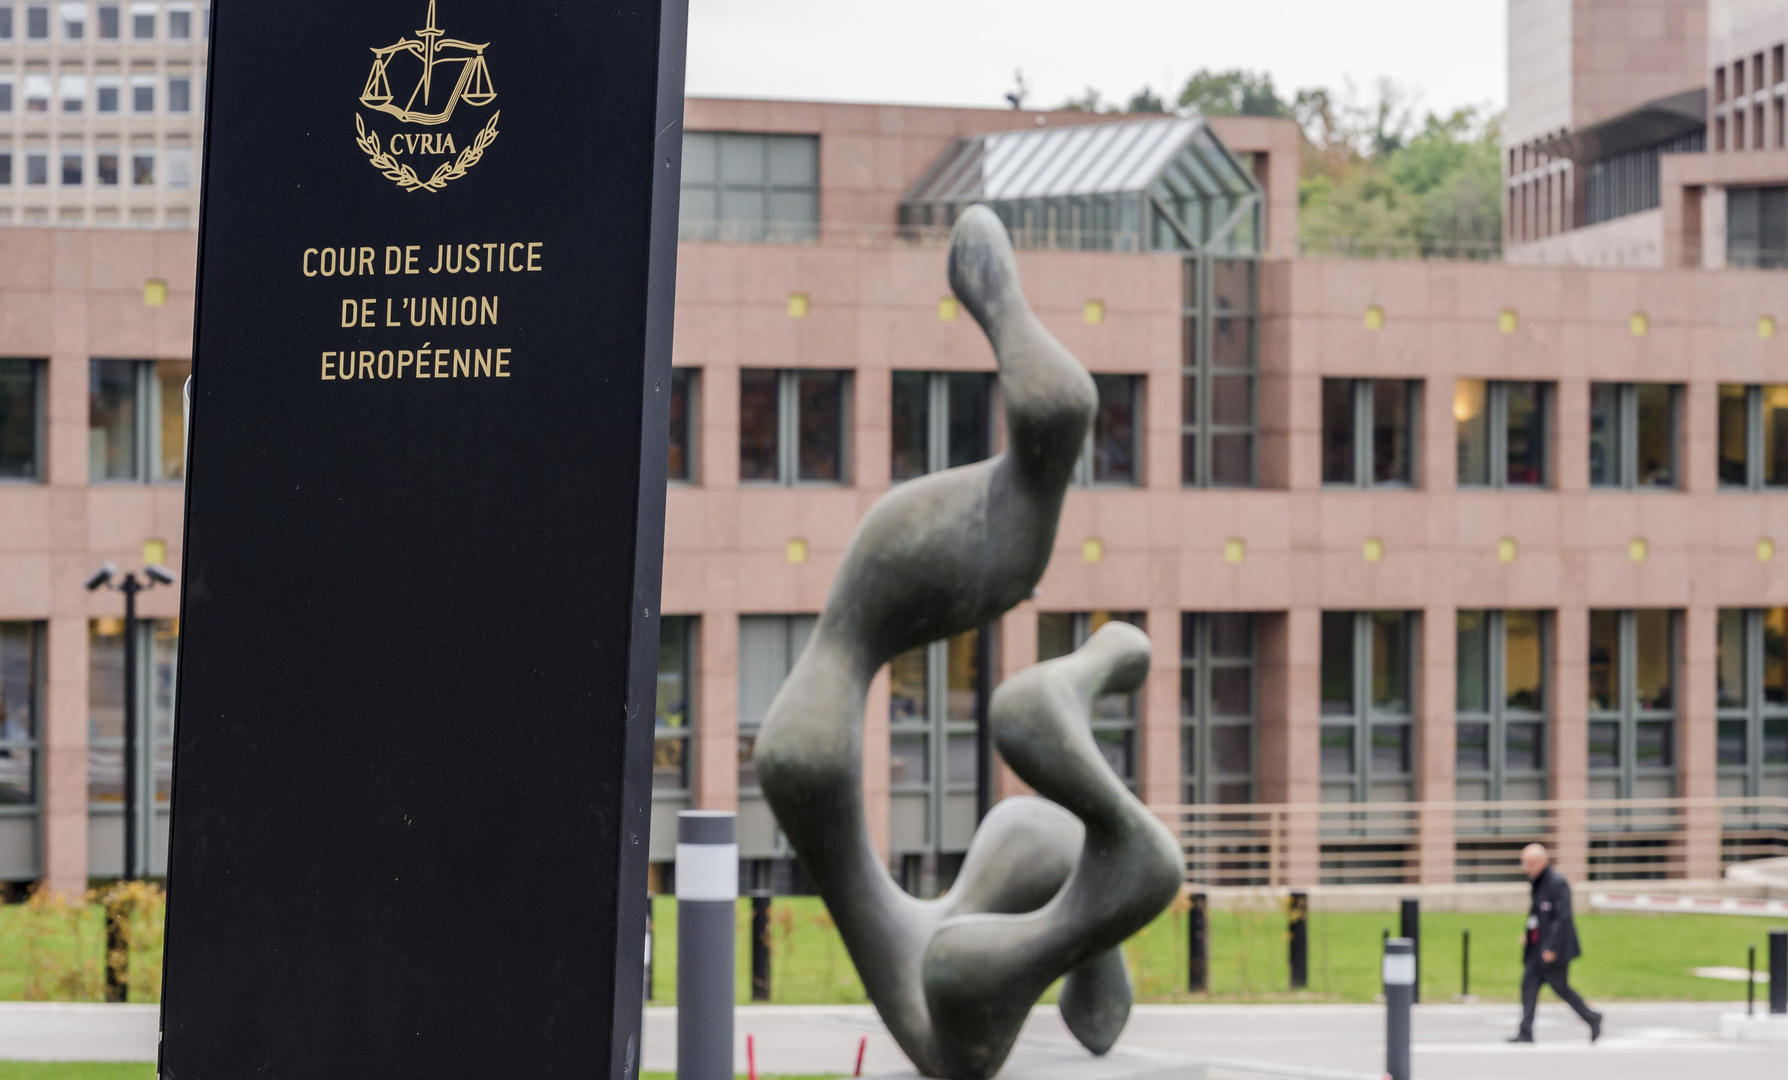 بطلب من البوليساريو.. أعلى محكمة للاتحاد الأوروبي تلغي اتفاقيتين تجاريتين مع المغرب